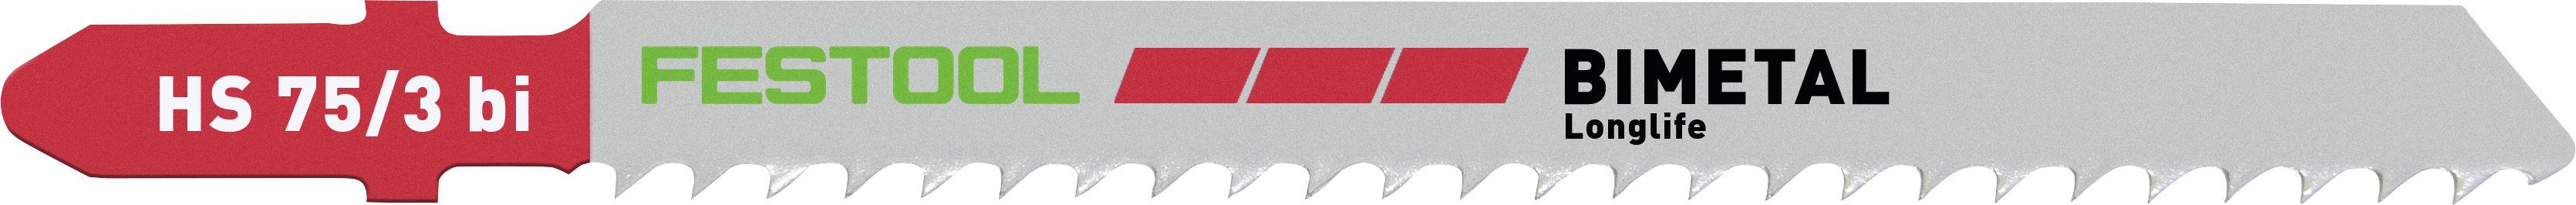 Festool Stingsagarblað Bimetal longlife HS75/3 Bl/5 204336